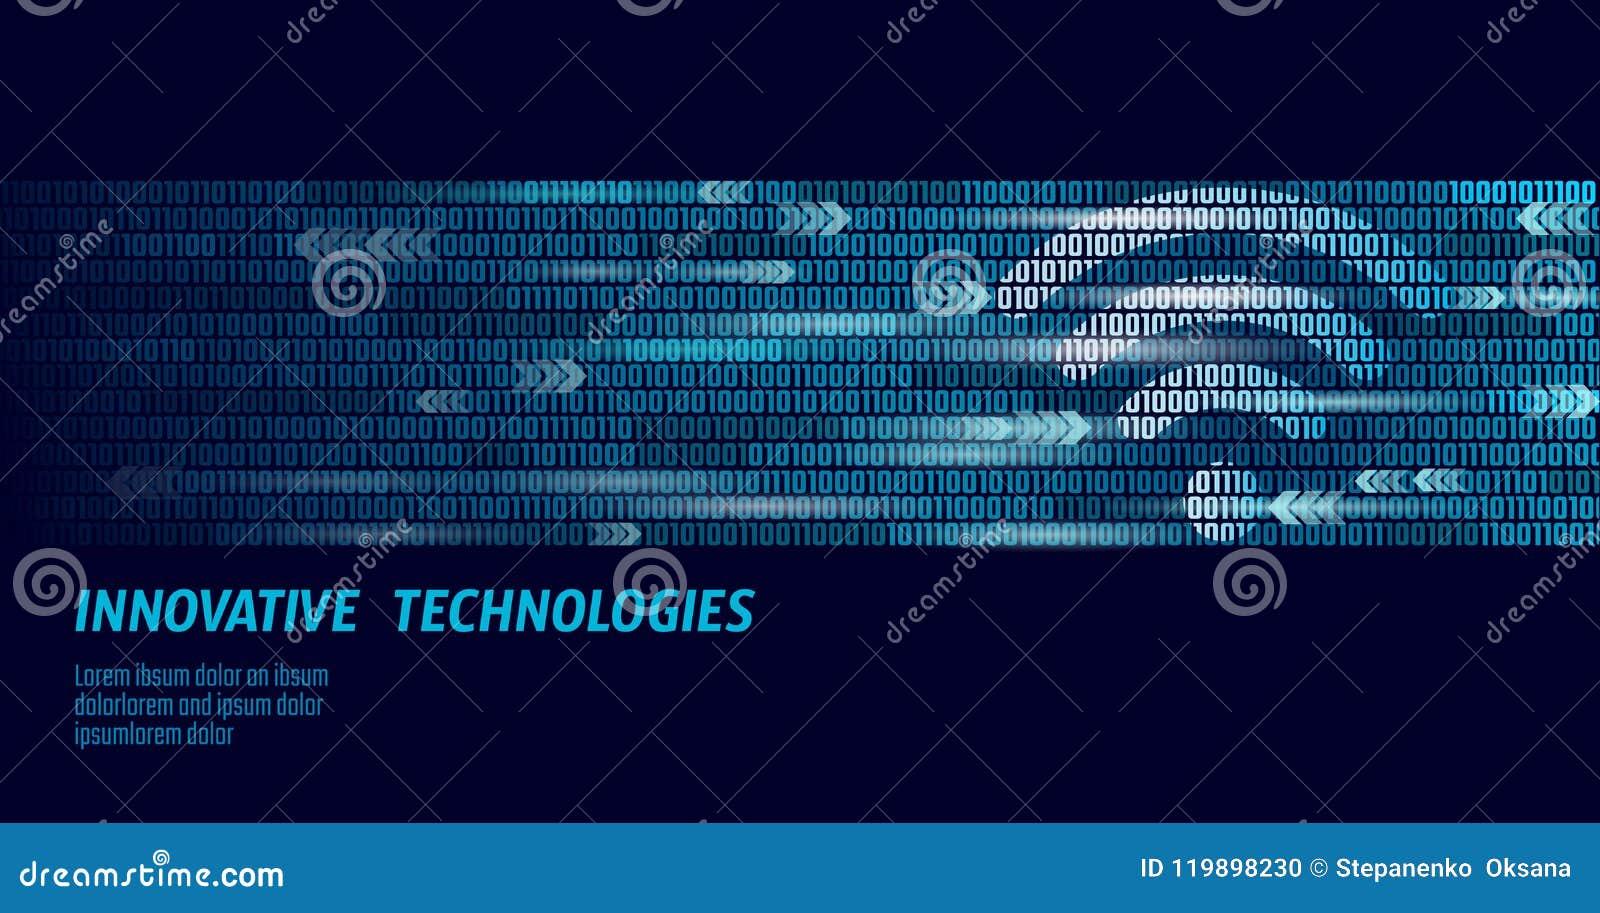 Bezprzewodowy interneta wifi związek Duże dane binarnego kodu spływowe liczby Globalnej sieci prędkości innowaci wysoki związek